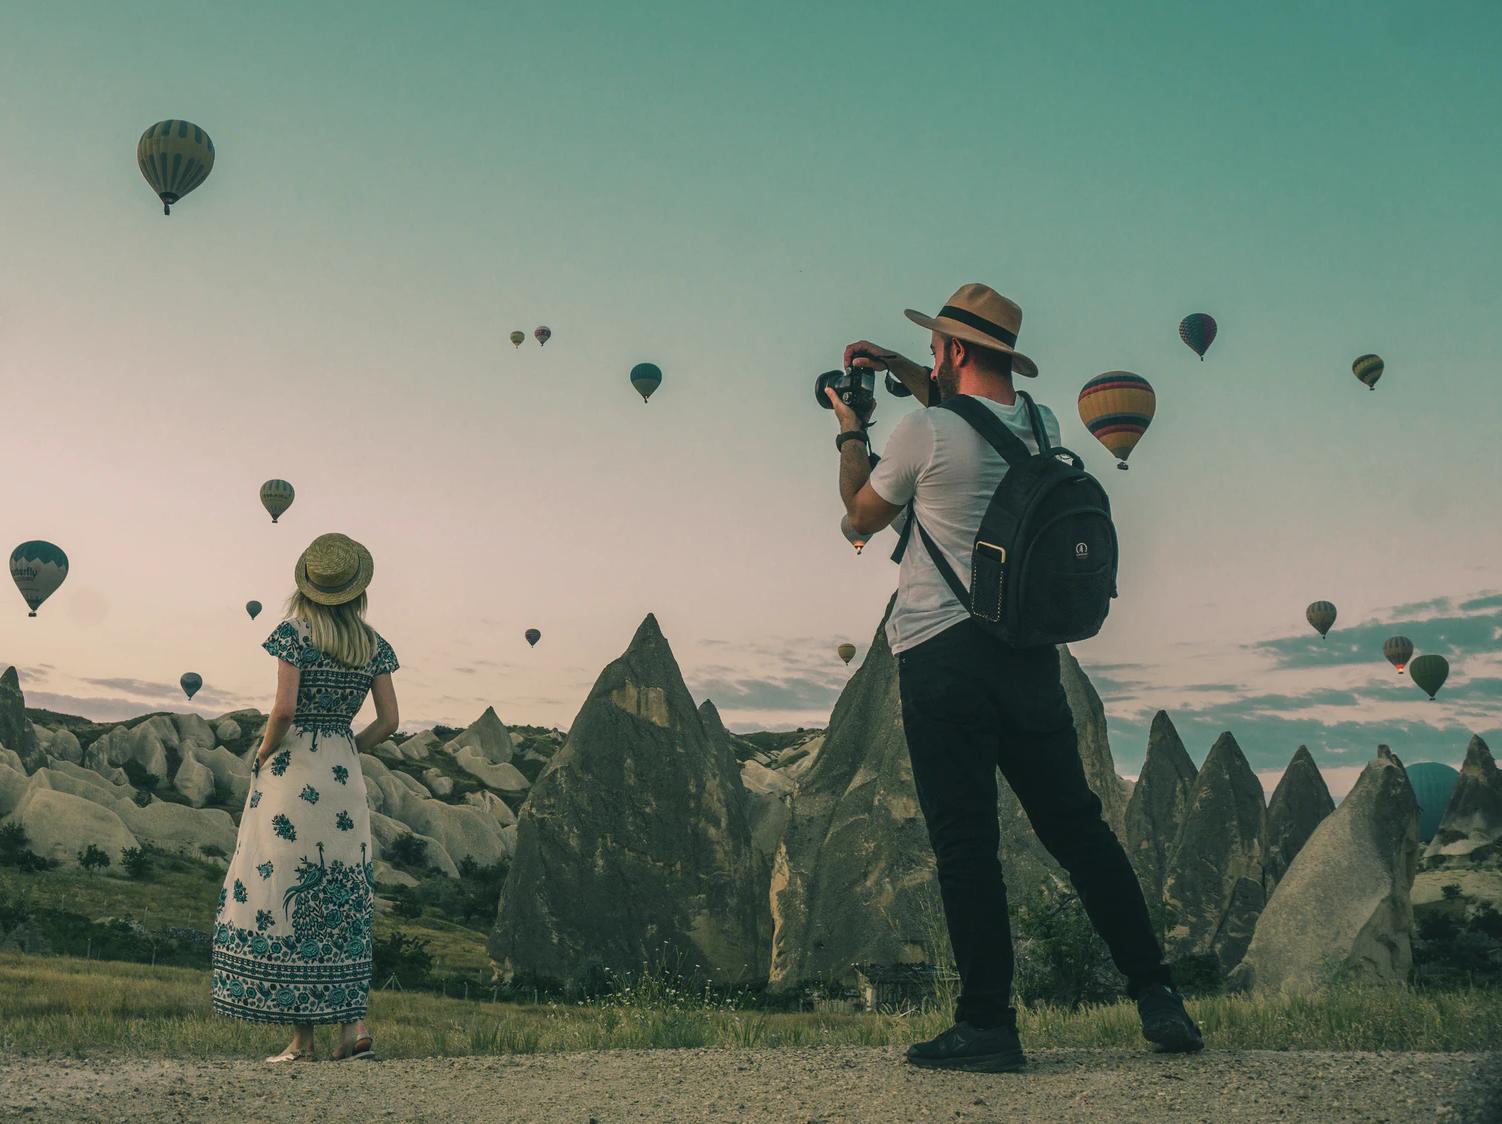 Фото на котором человек в закате фотографирует воздушный шар